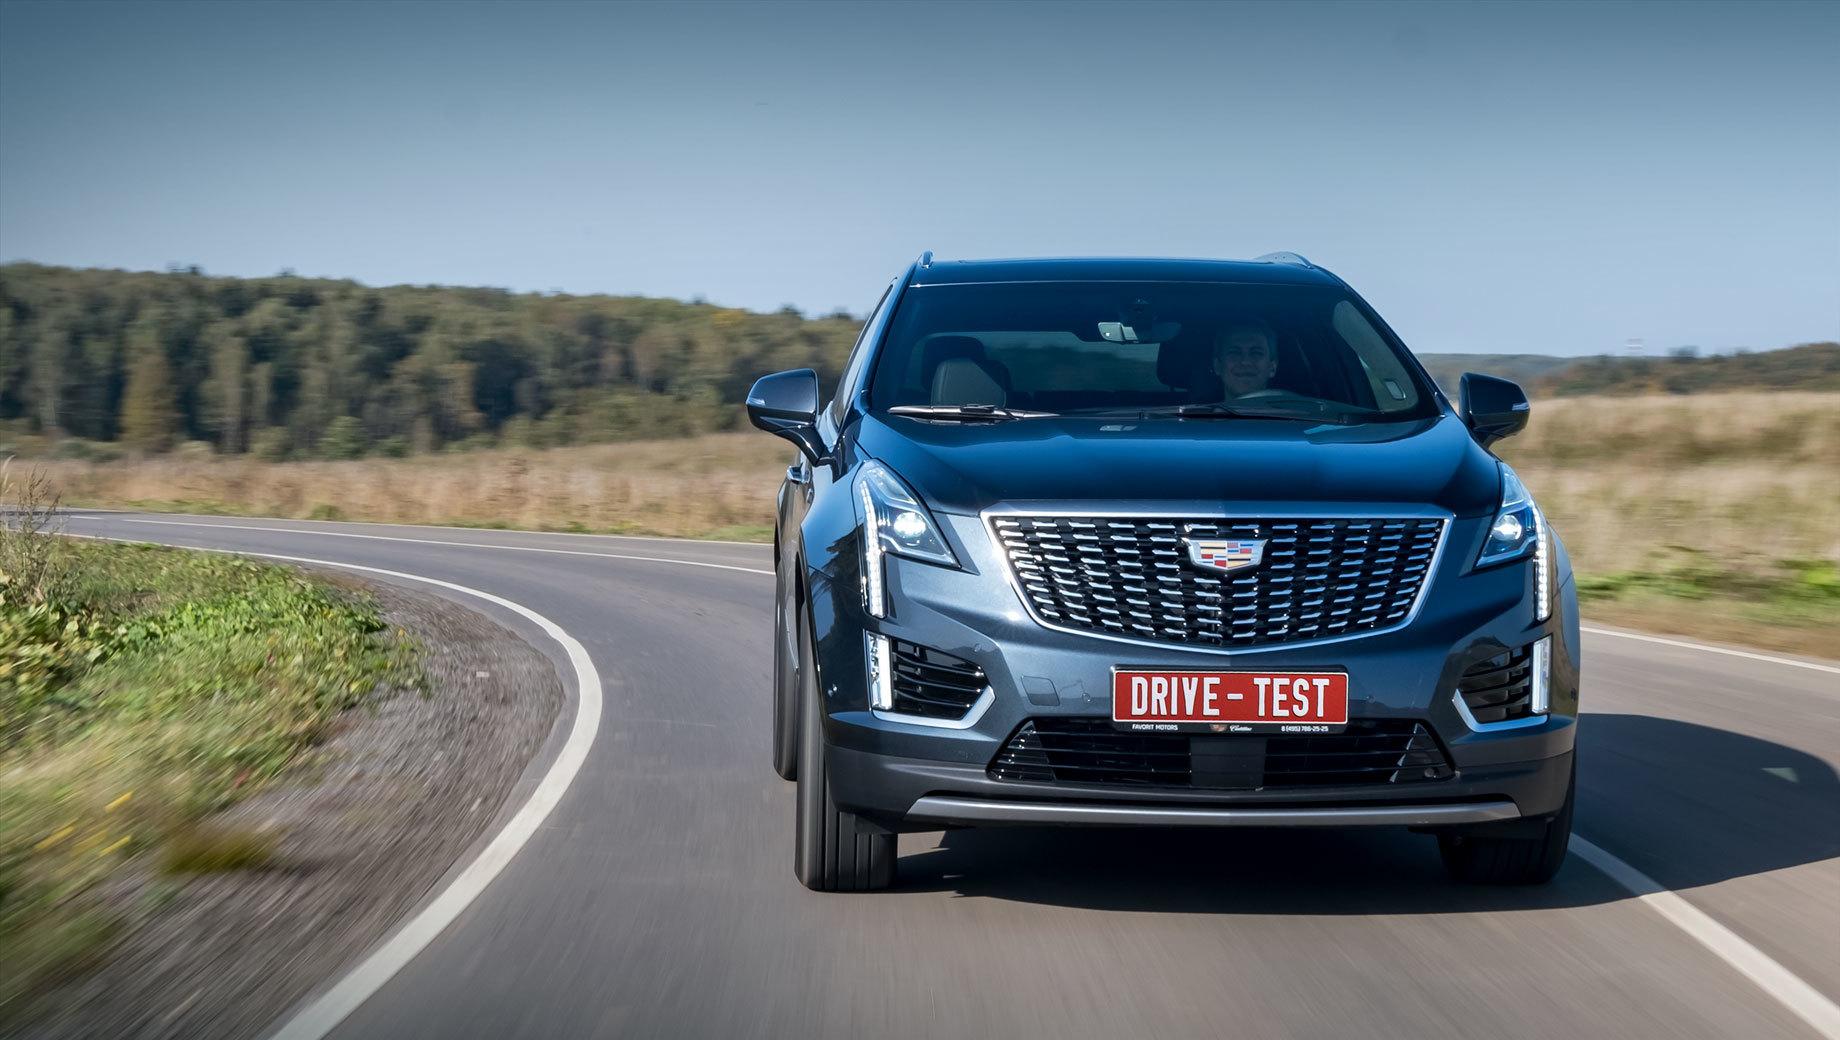 Cadillac xt5. Цены начинаются с 3 490 000 рублей за версию Premium Luxury. Вопреки ультимативному названию, она оставляет место для улучшений: самый полный из пакетов допоборудования обойдётся в 700 тысяч. «Металлики» кроме серебристого стоят 50–100 тысяч. Но и скидки бывают шестизначными.